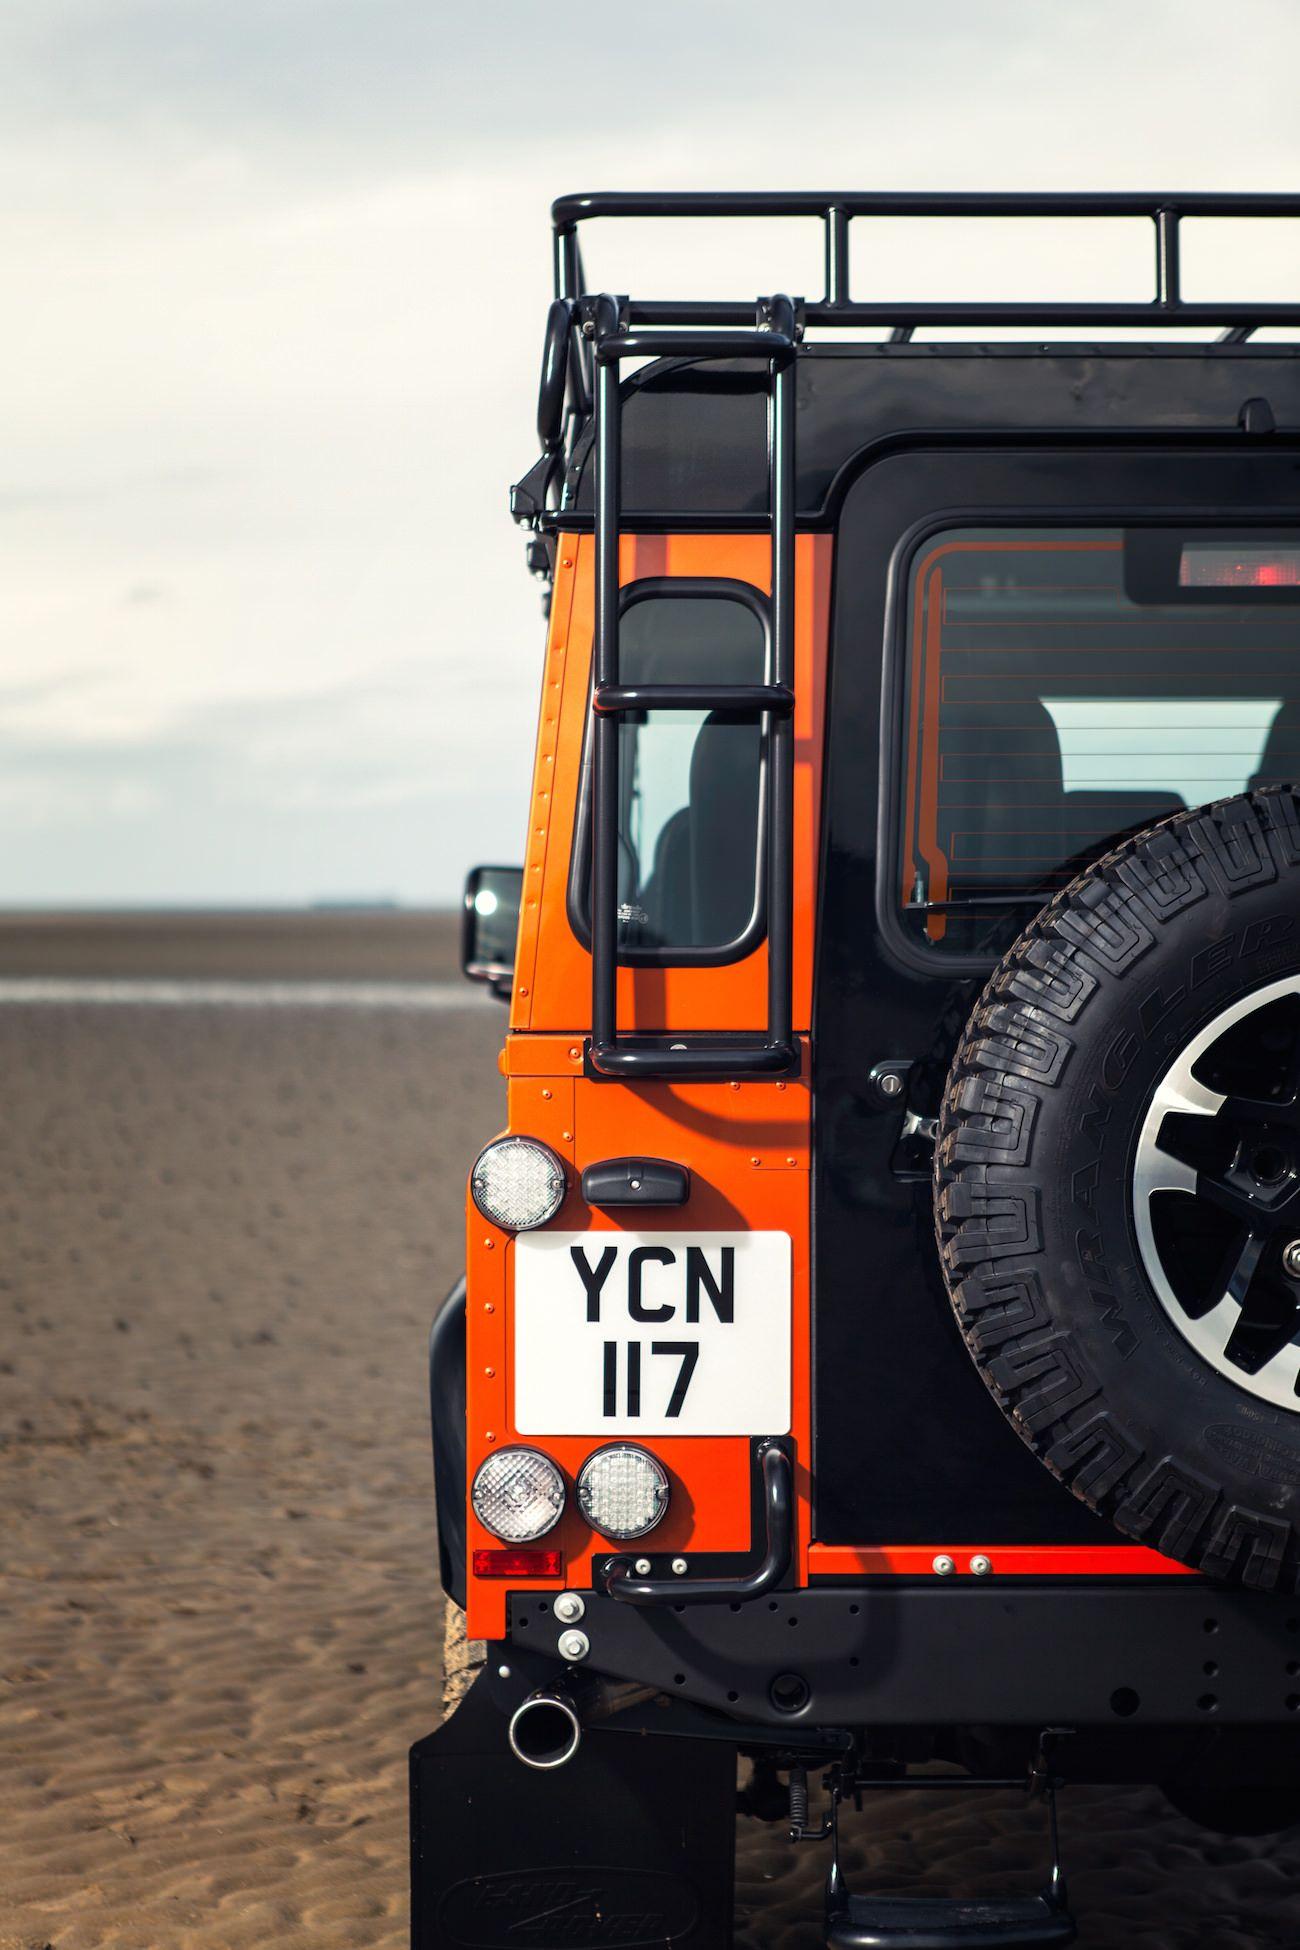 Land Rover Defender Adventure Tarifs Gamme Et Quipements Via Oil Leak Jaguar Frjus